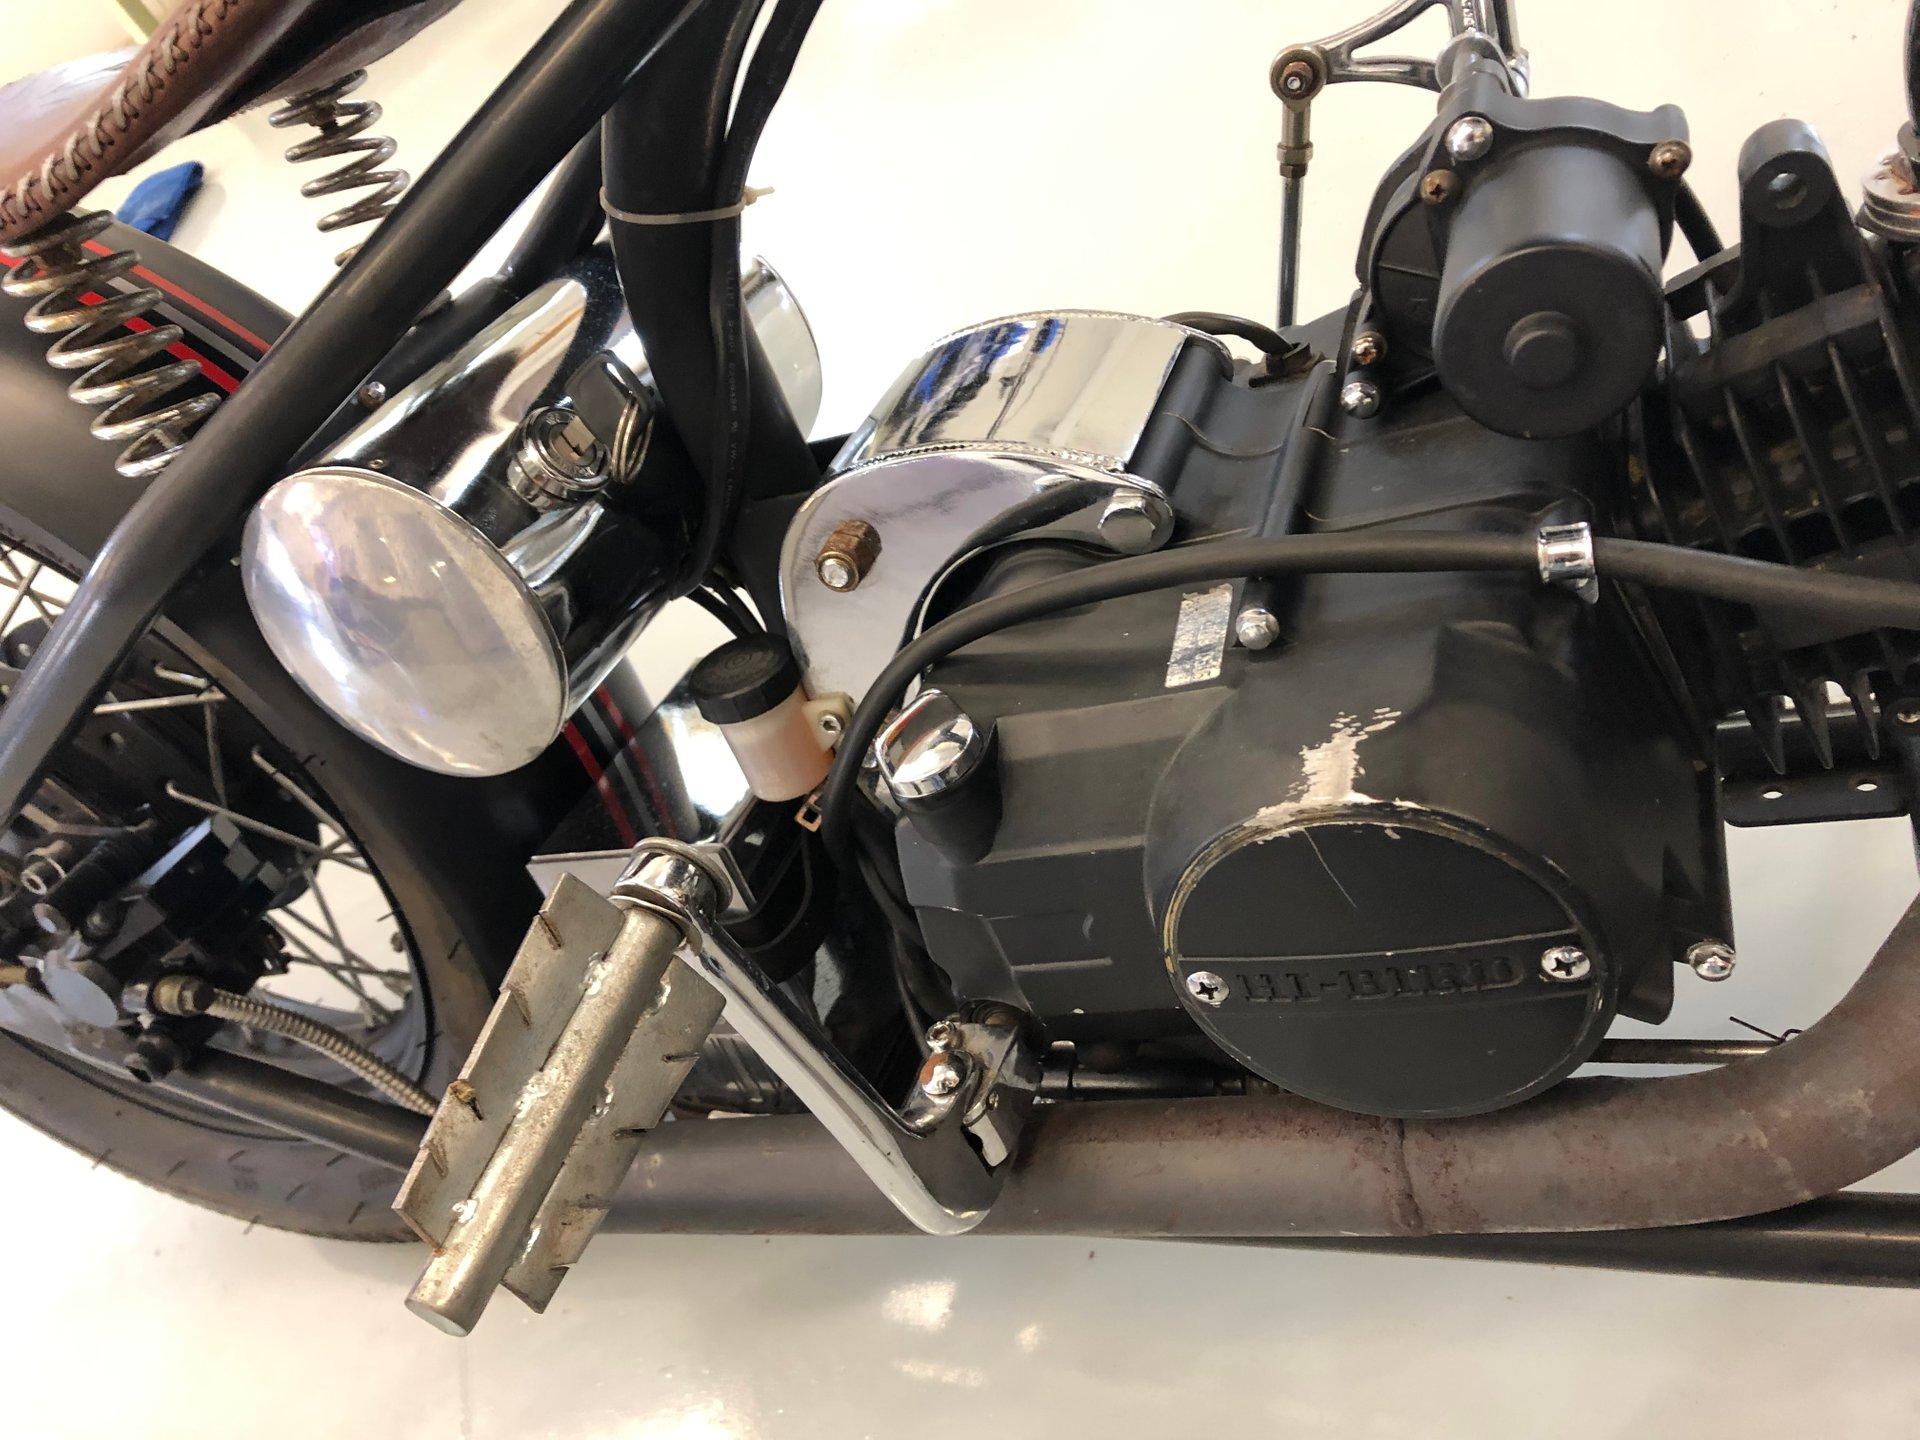 hight resolution of kikker 5150 street dreamskikker 5150 wiring harness 9